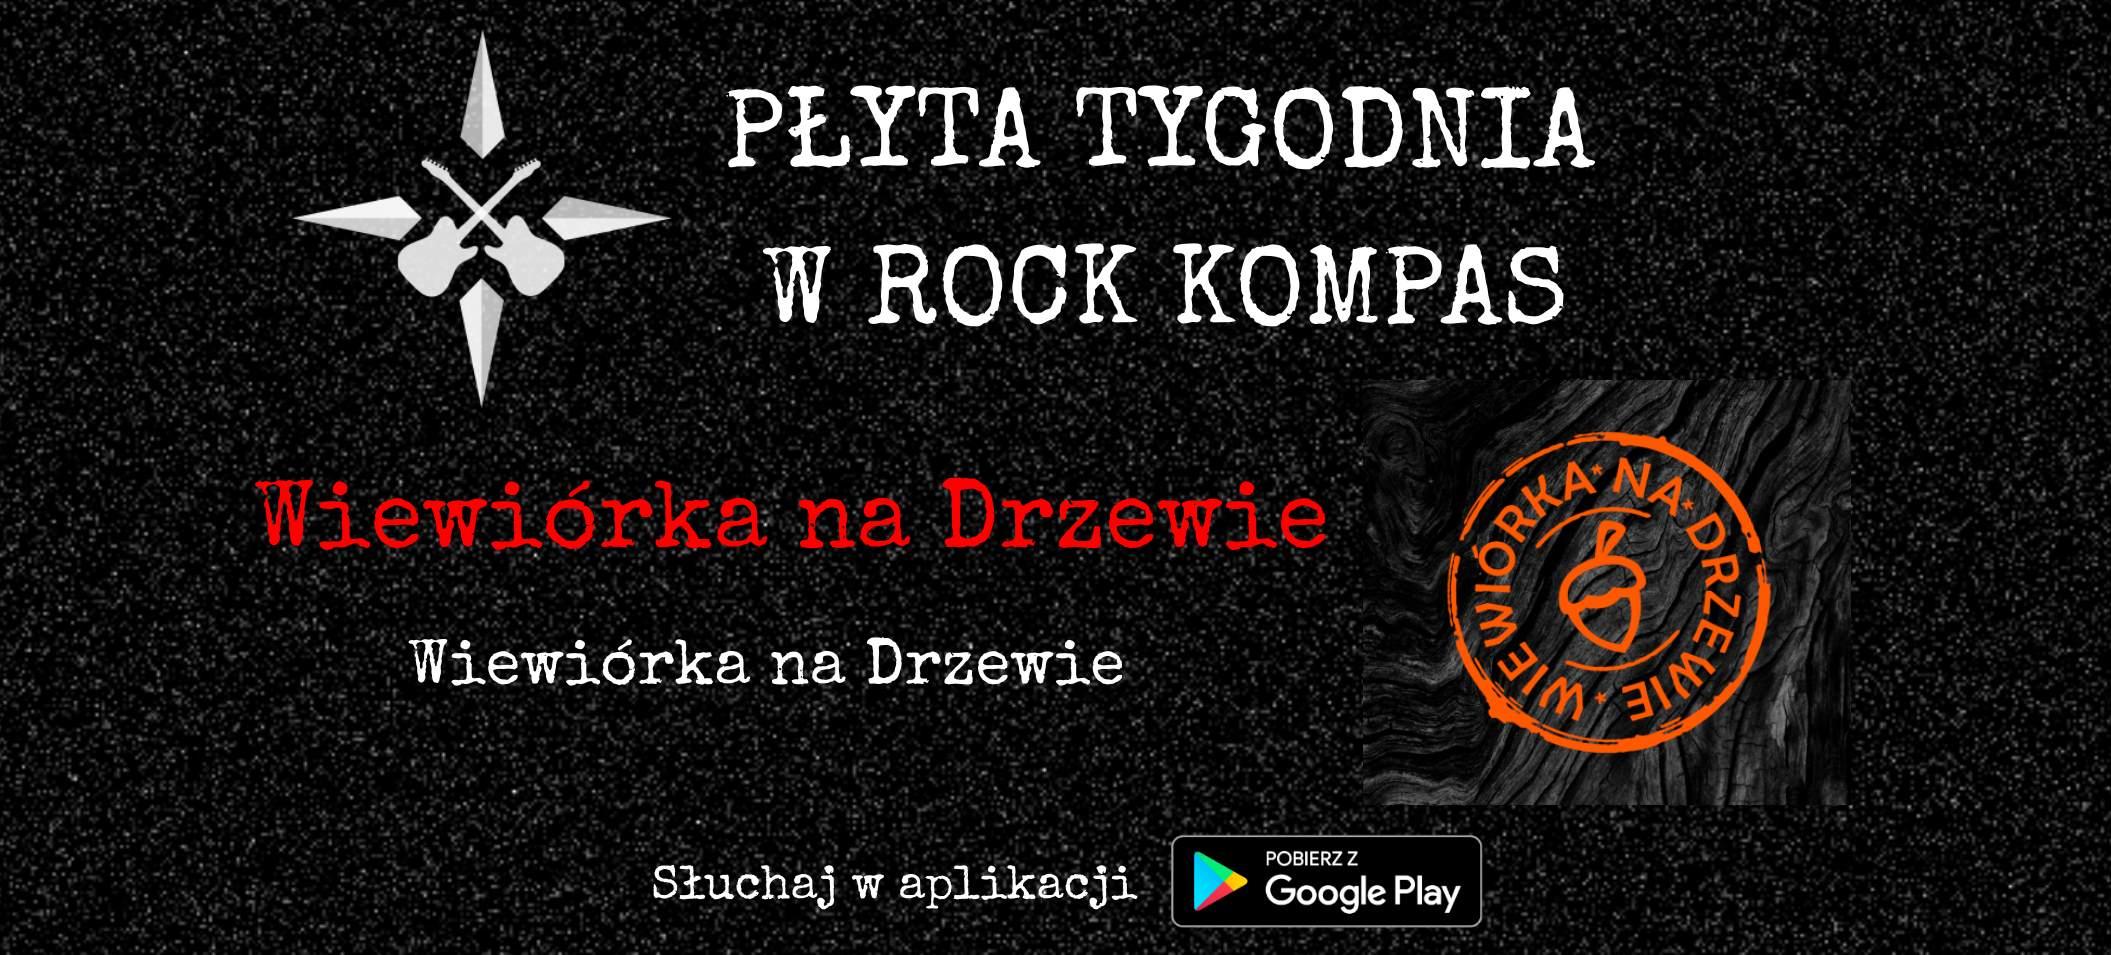 Płyta tygodnia w Rock Kompas: Wiewiórka na Drzewie - Wiewiórka na Drzewie